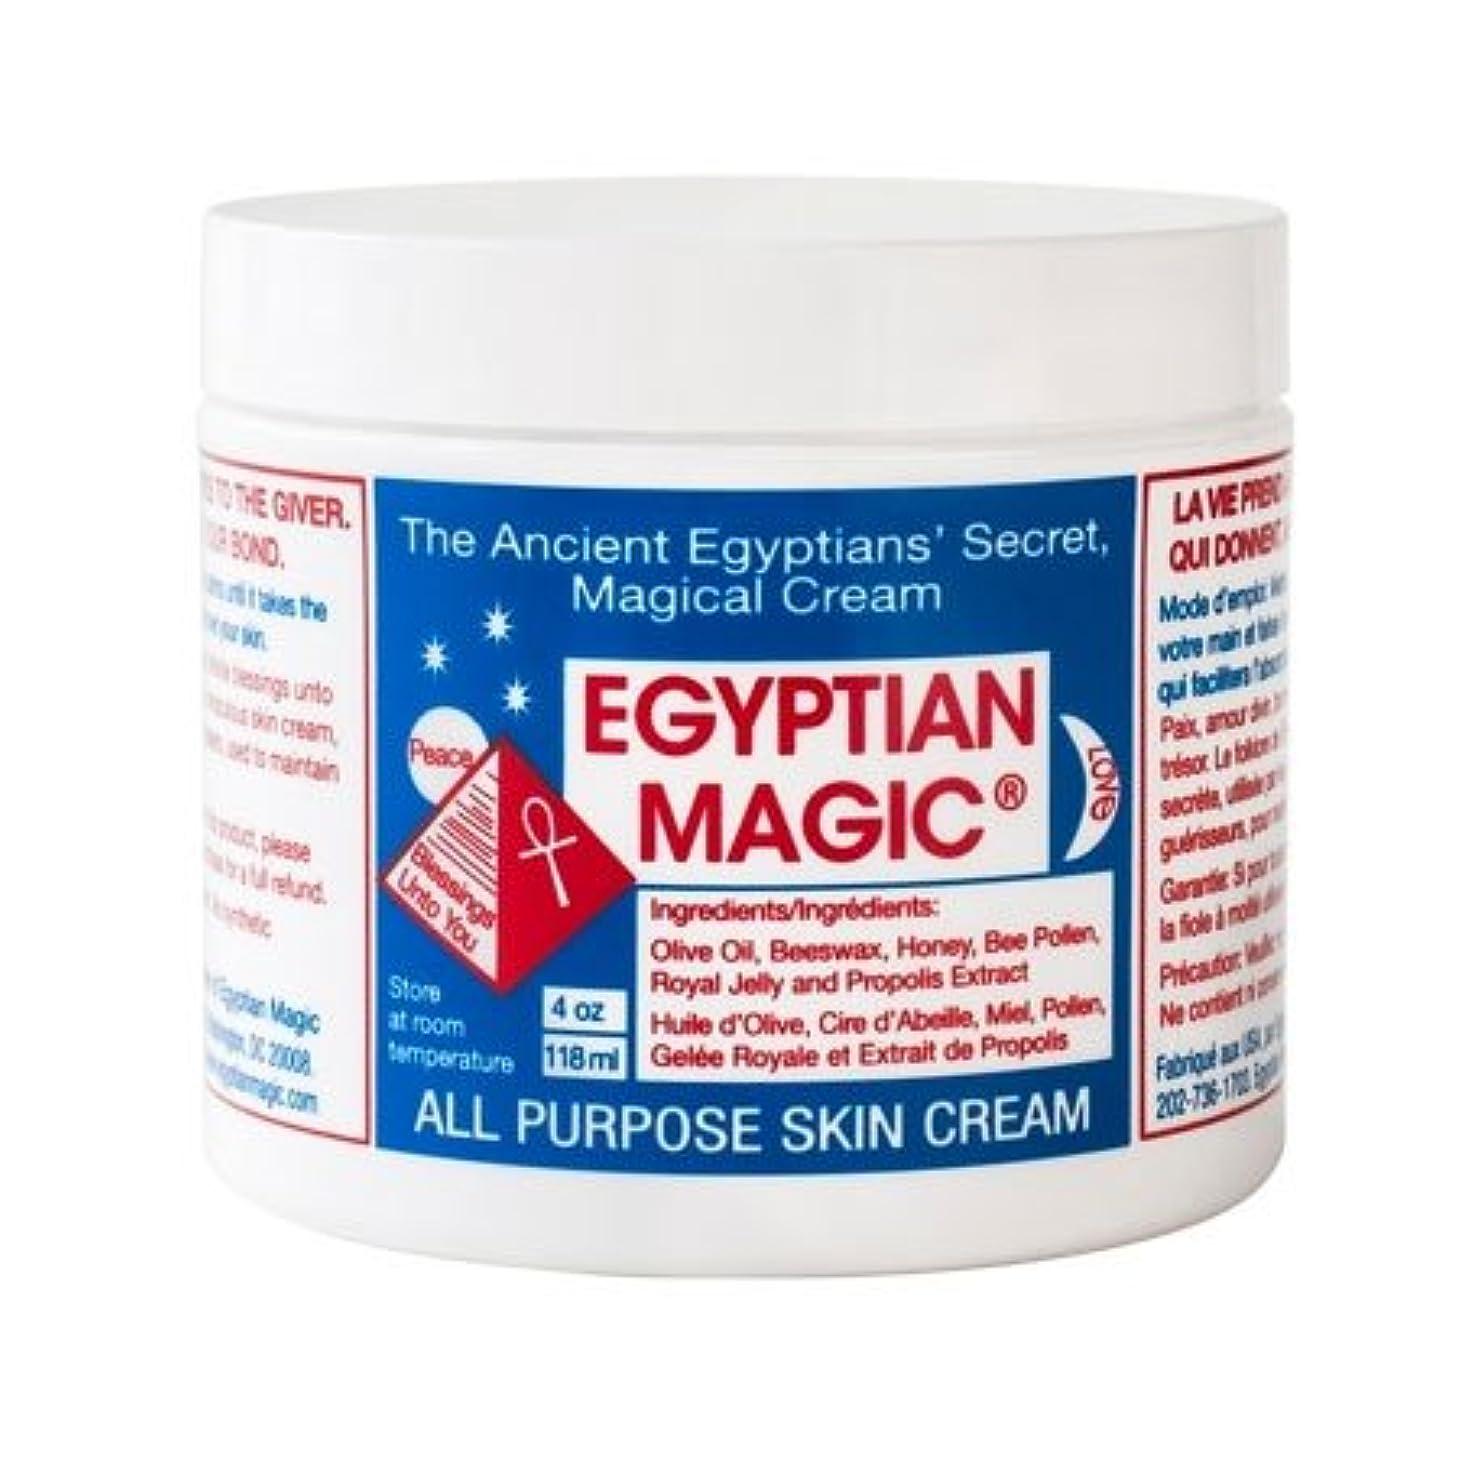 しかしながら累積欲求不満エジプシャンマジック エジプシャン マジック クリーム 118ml 海外仕様パッケージ